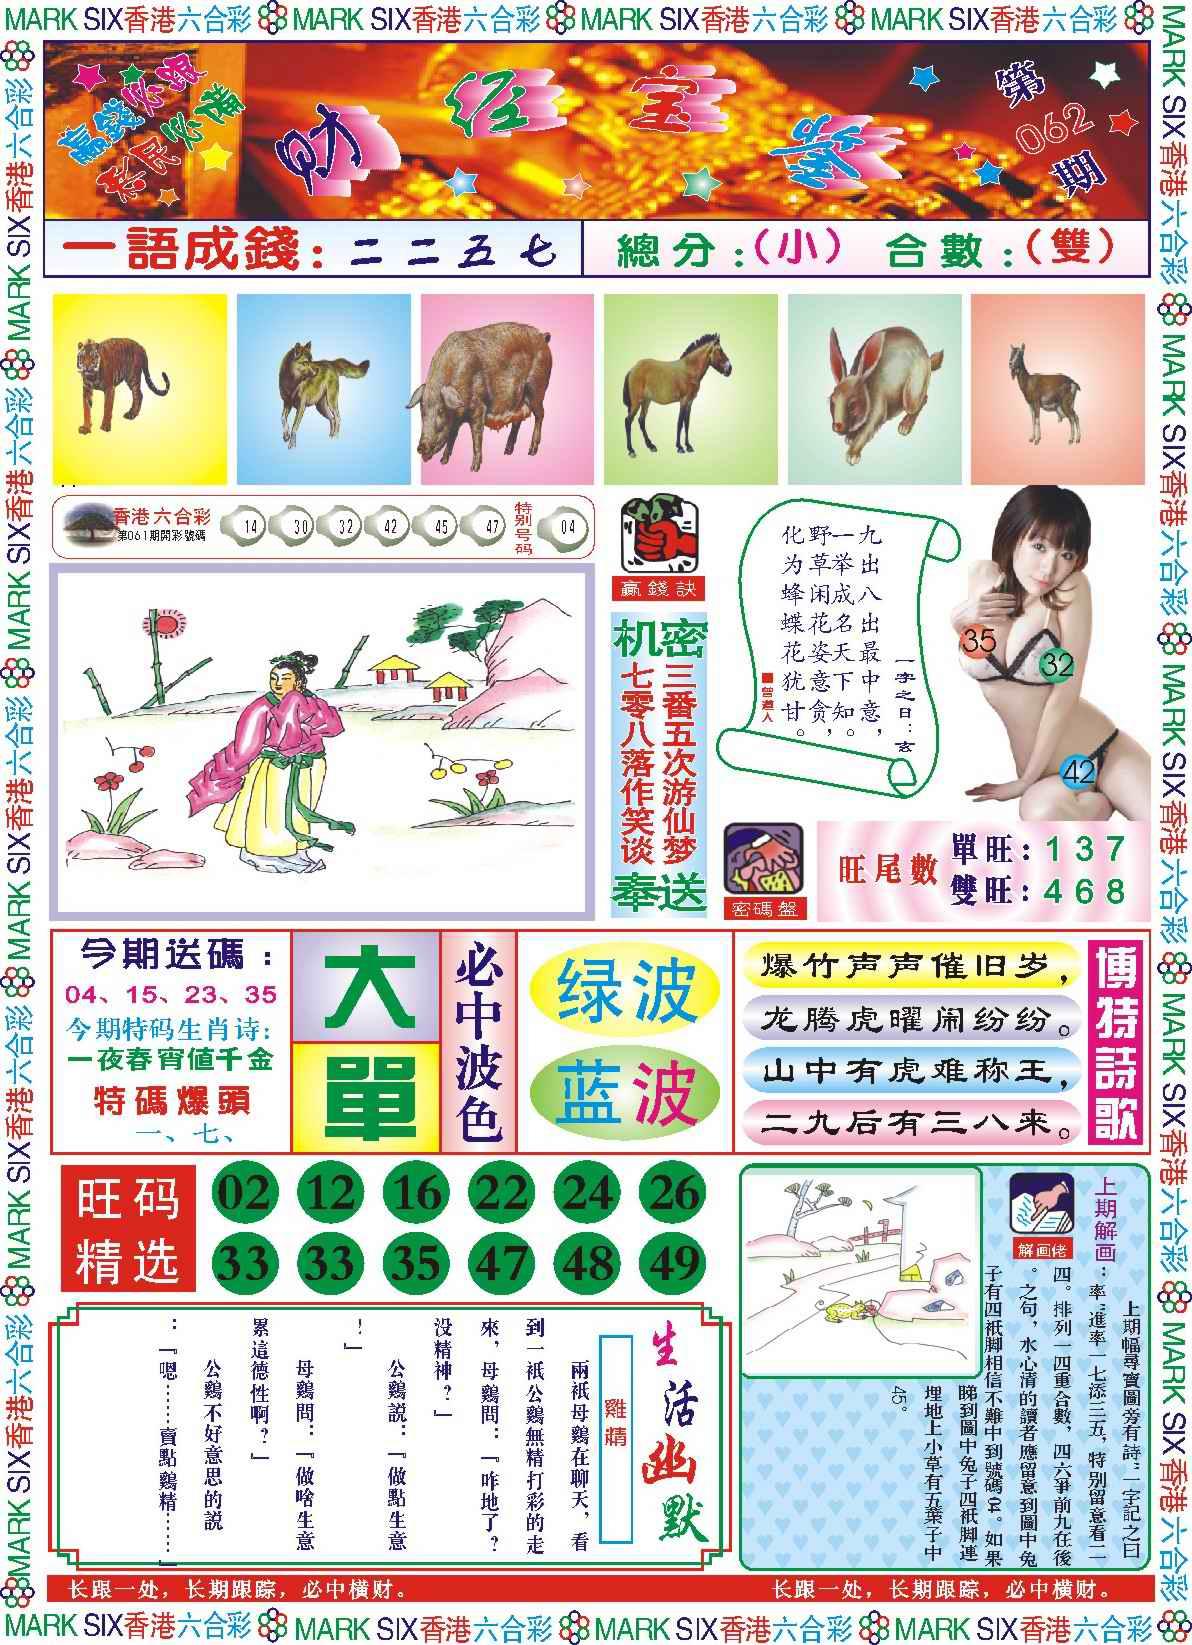 062期118财经宝鉴(新图)